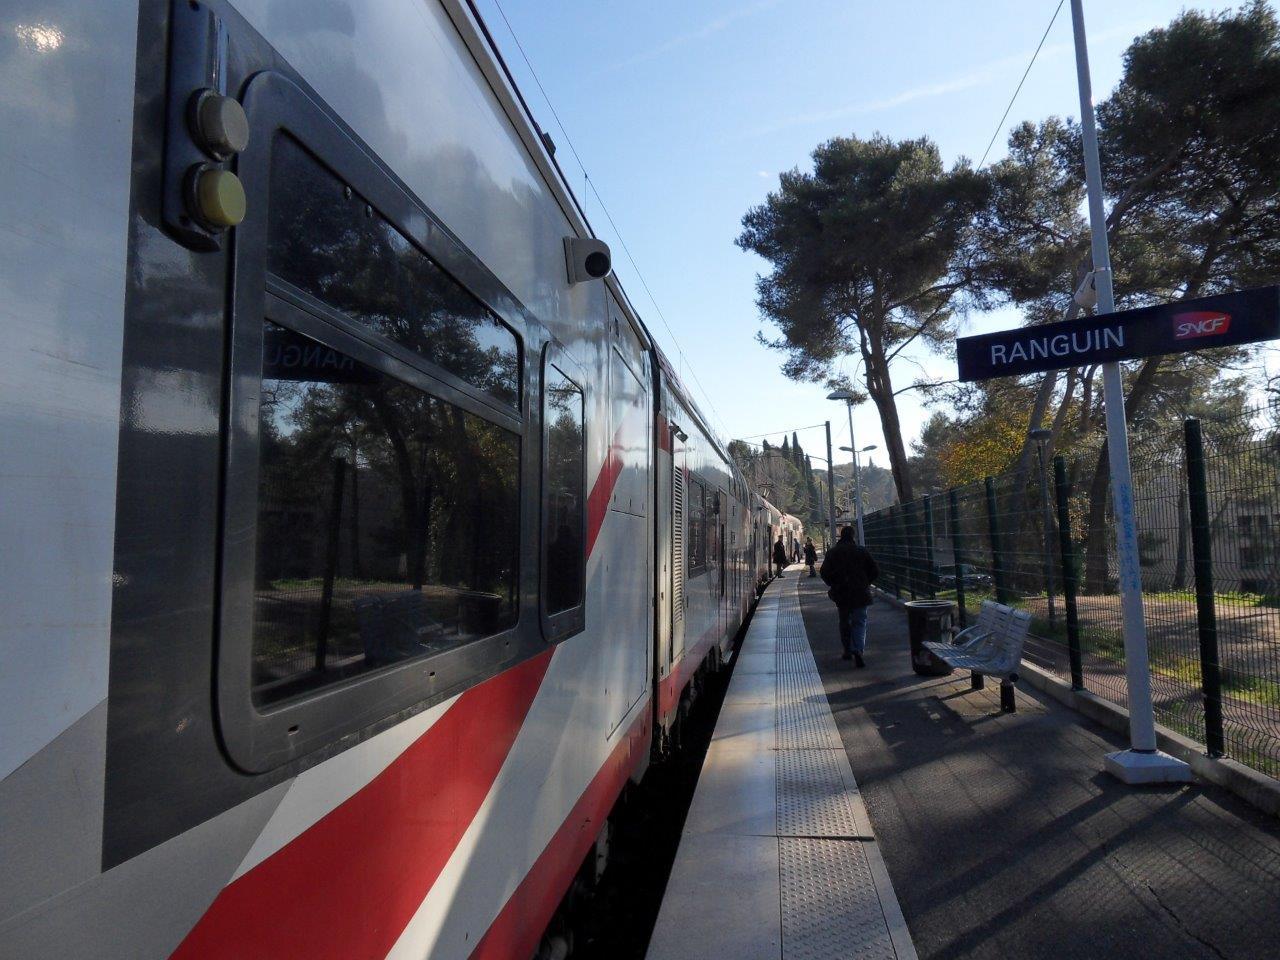 gare-de-ranguin-train-station